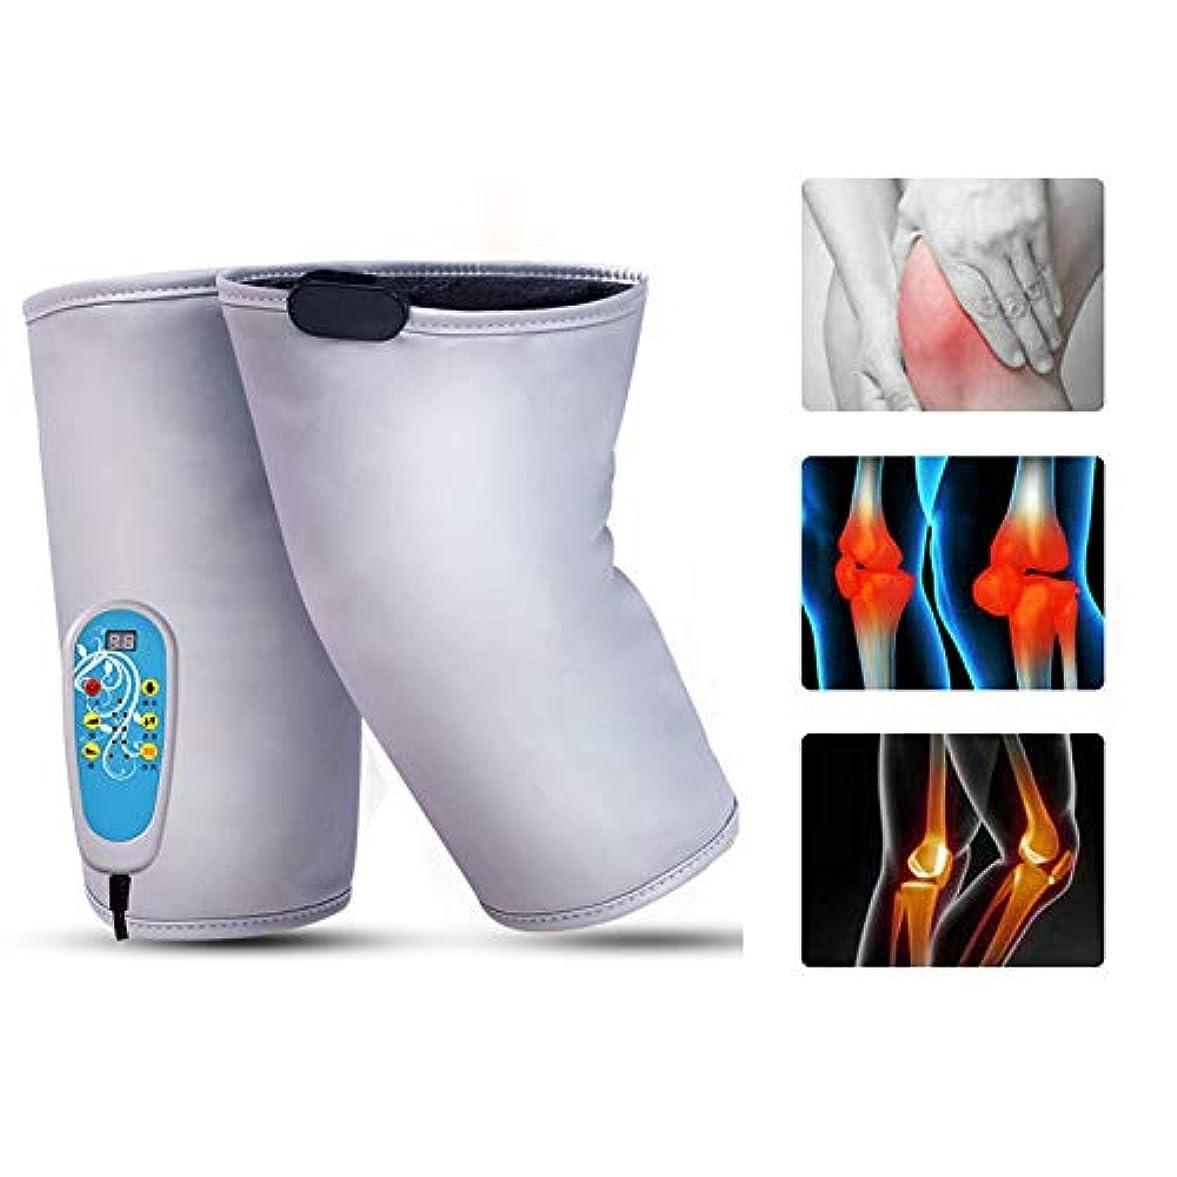 ビジョン寛大さデンマーク語暖房膝装具サポート1対加熱膝パッドウォームラップ - 膝のけが、痛みを軽減するための9マッサージモードのセラピーマッサージャー